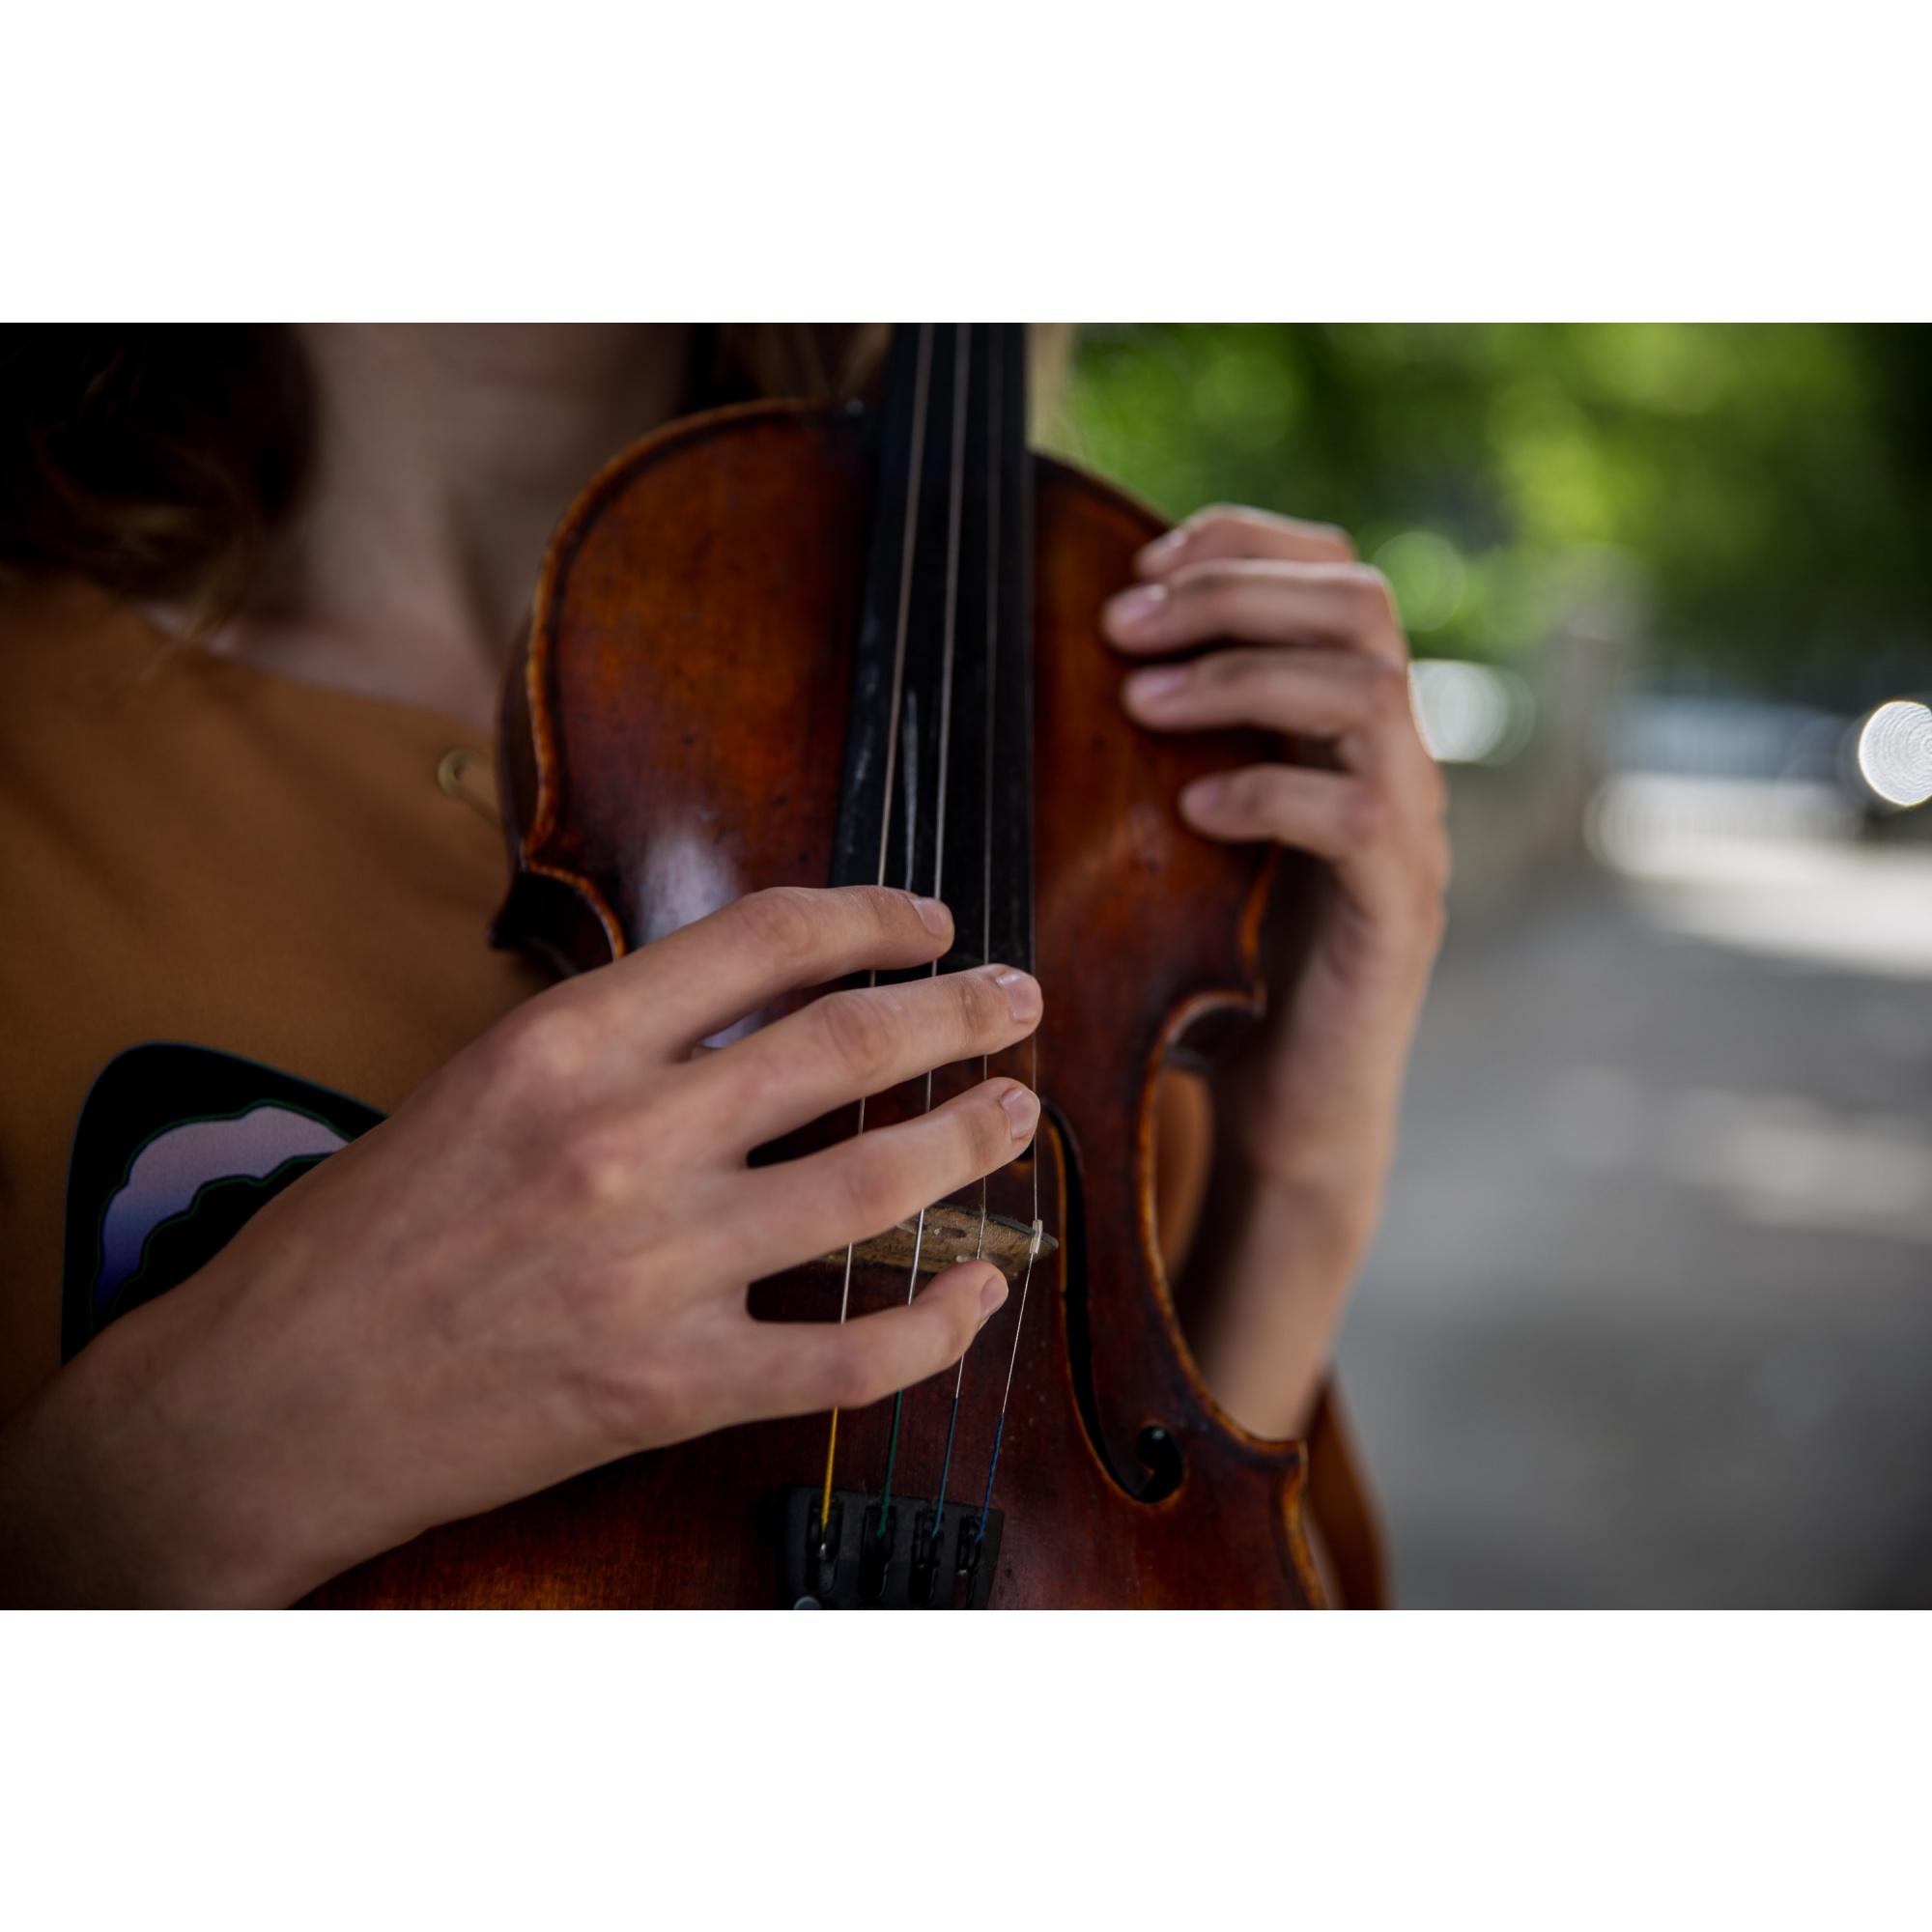 Скрипку она выбрала, потому что этот инструмент «сложный и красивый»